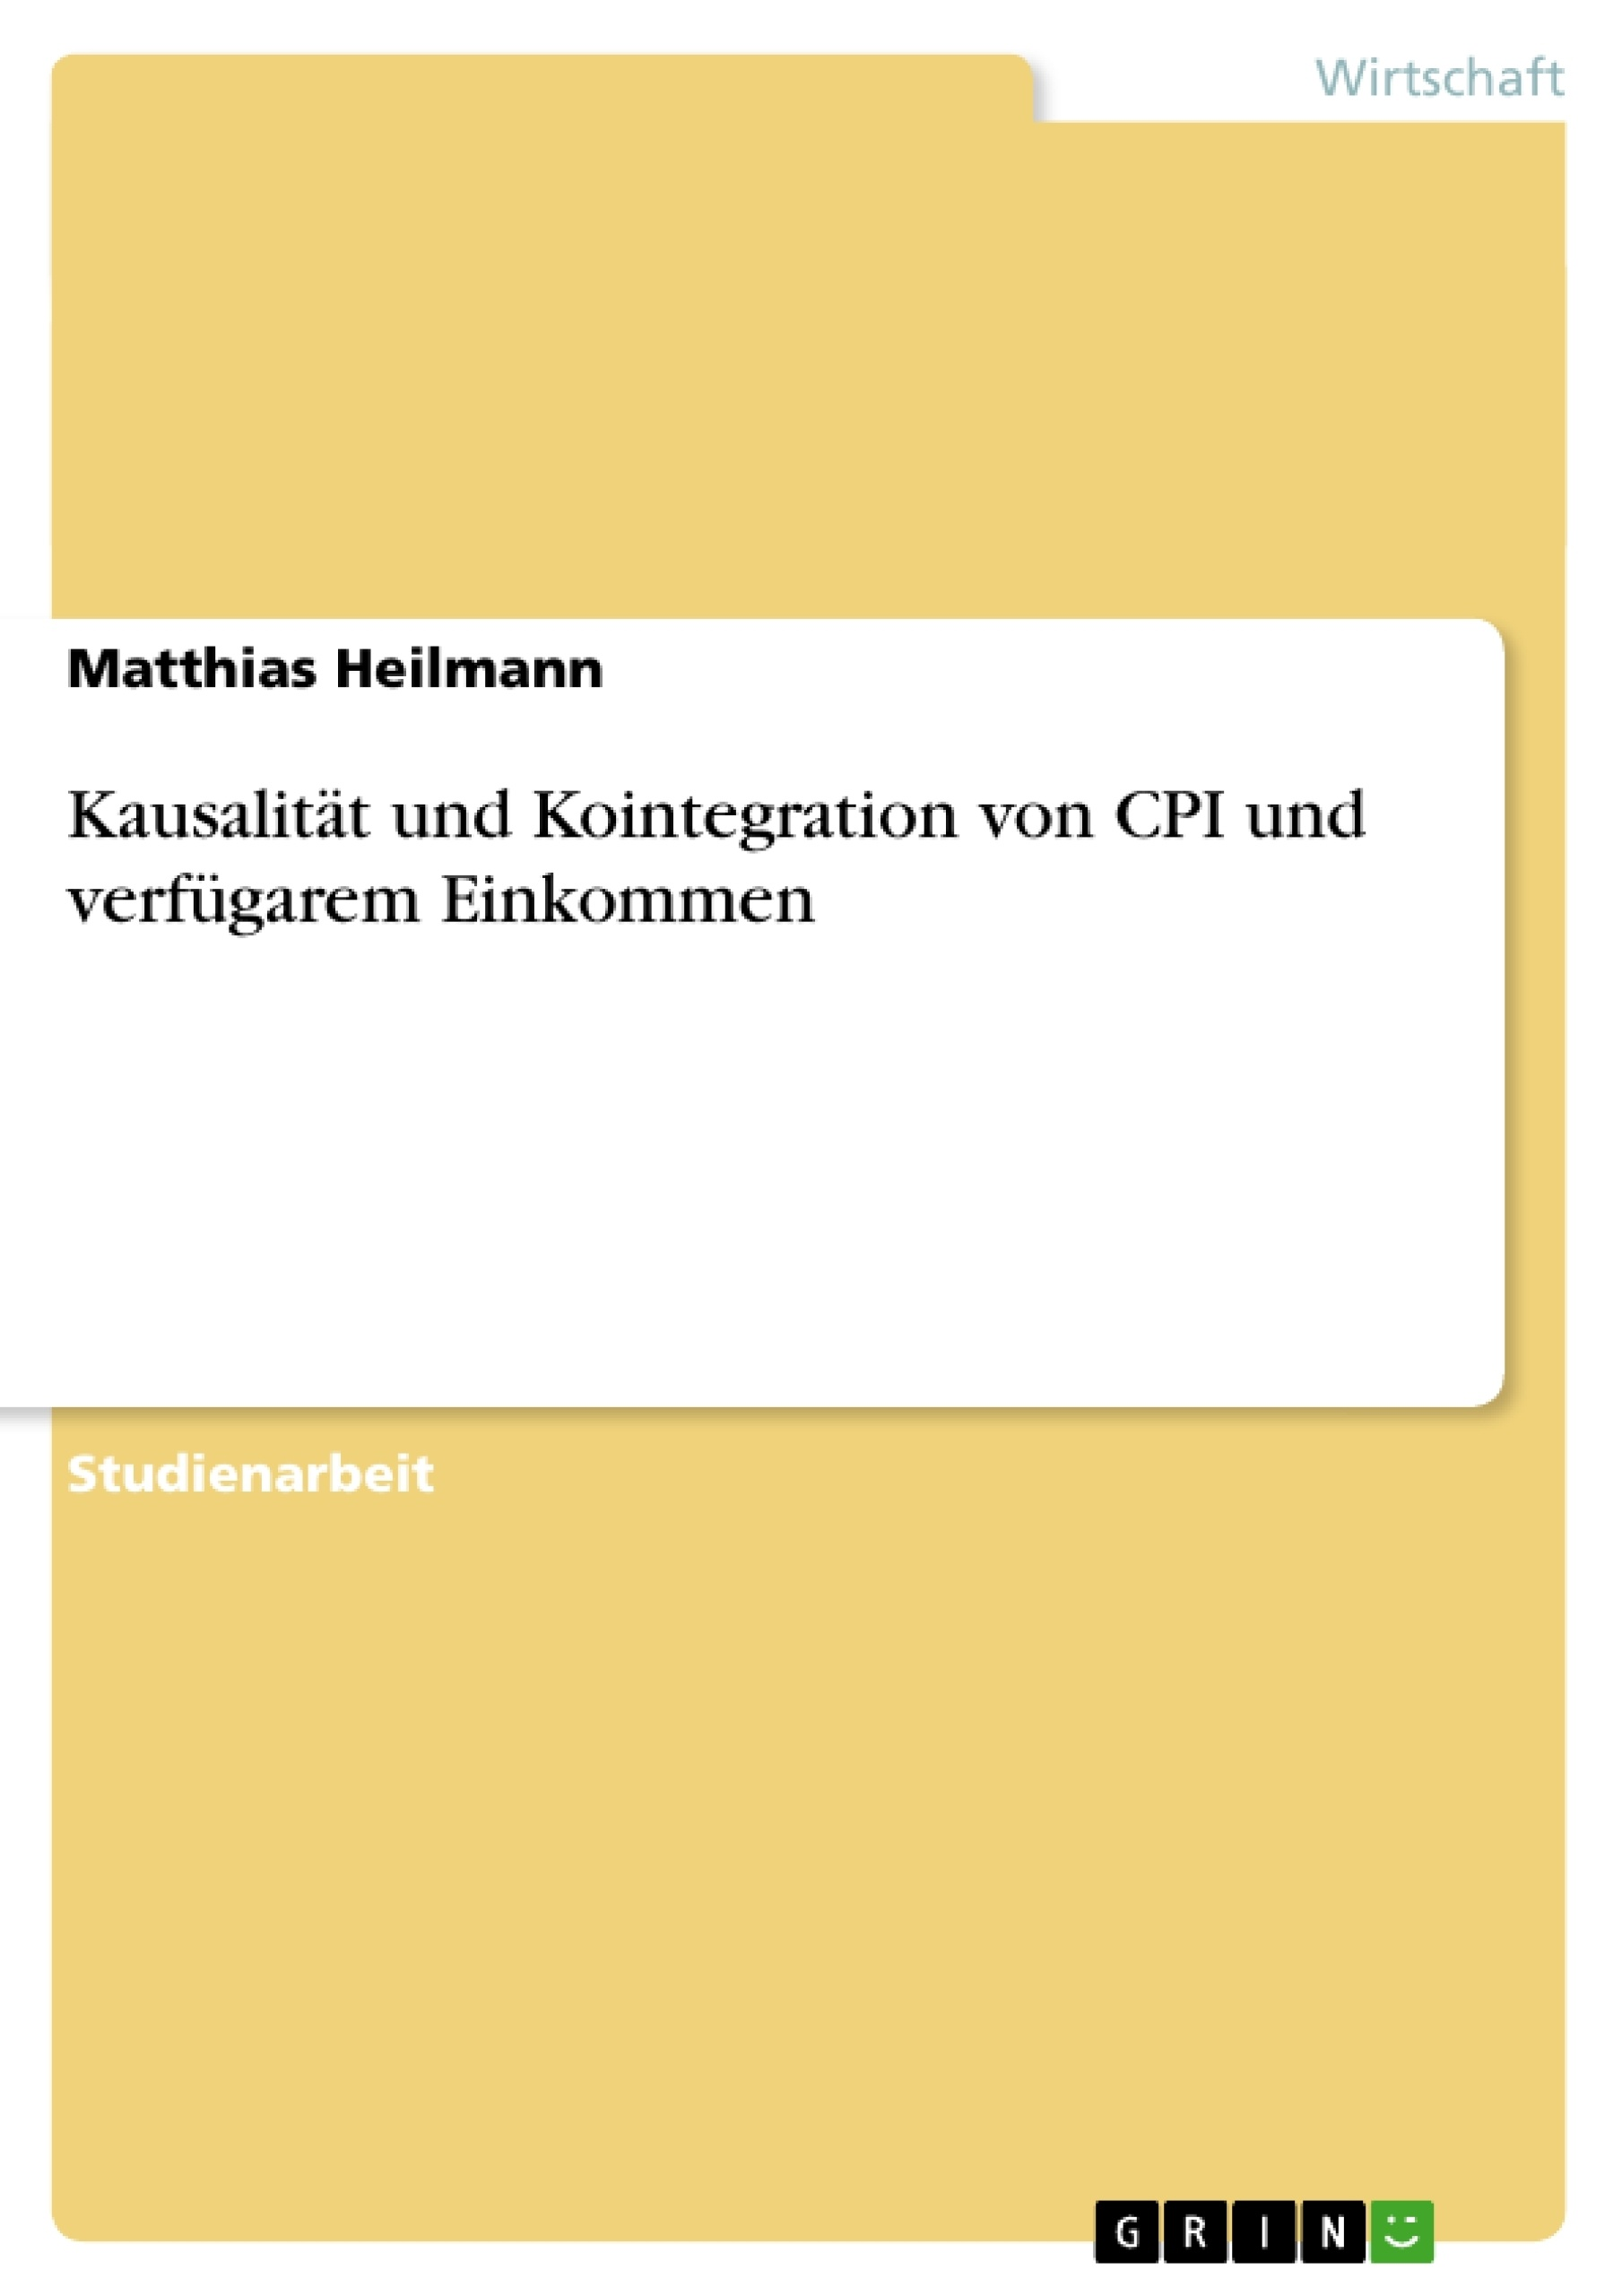 Titel: Kausalität und Kointegration von CPI und verfügarem Einkommen